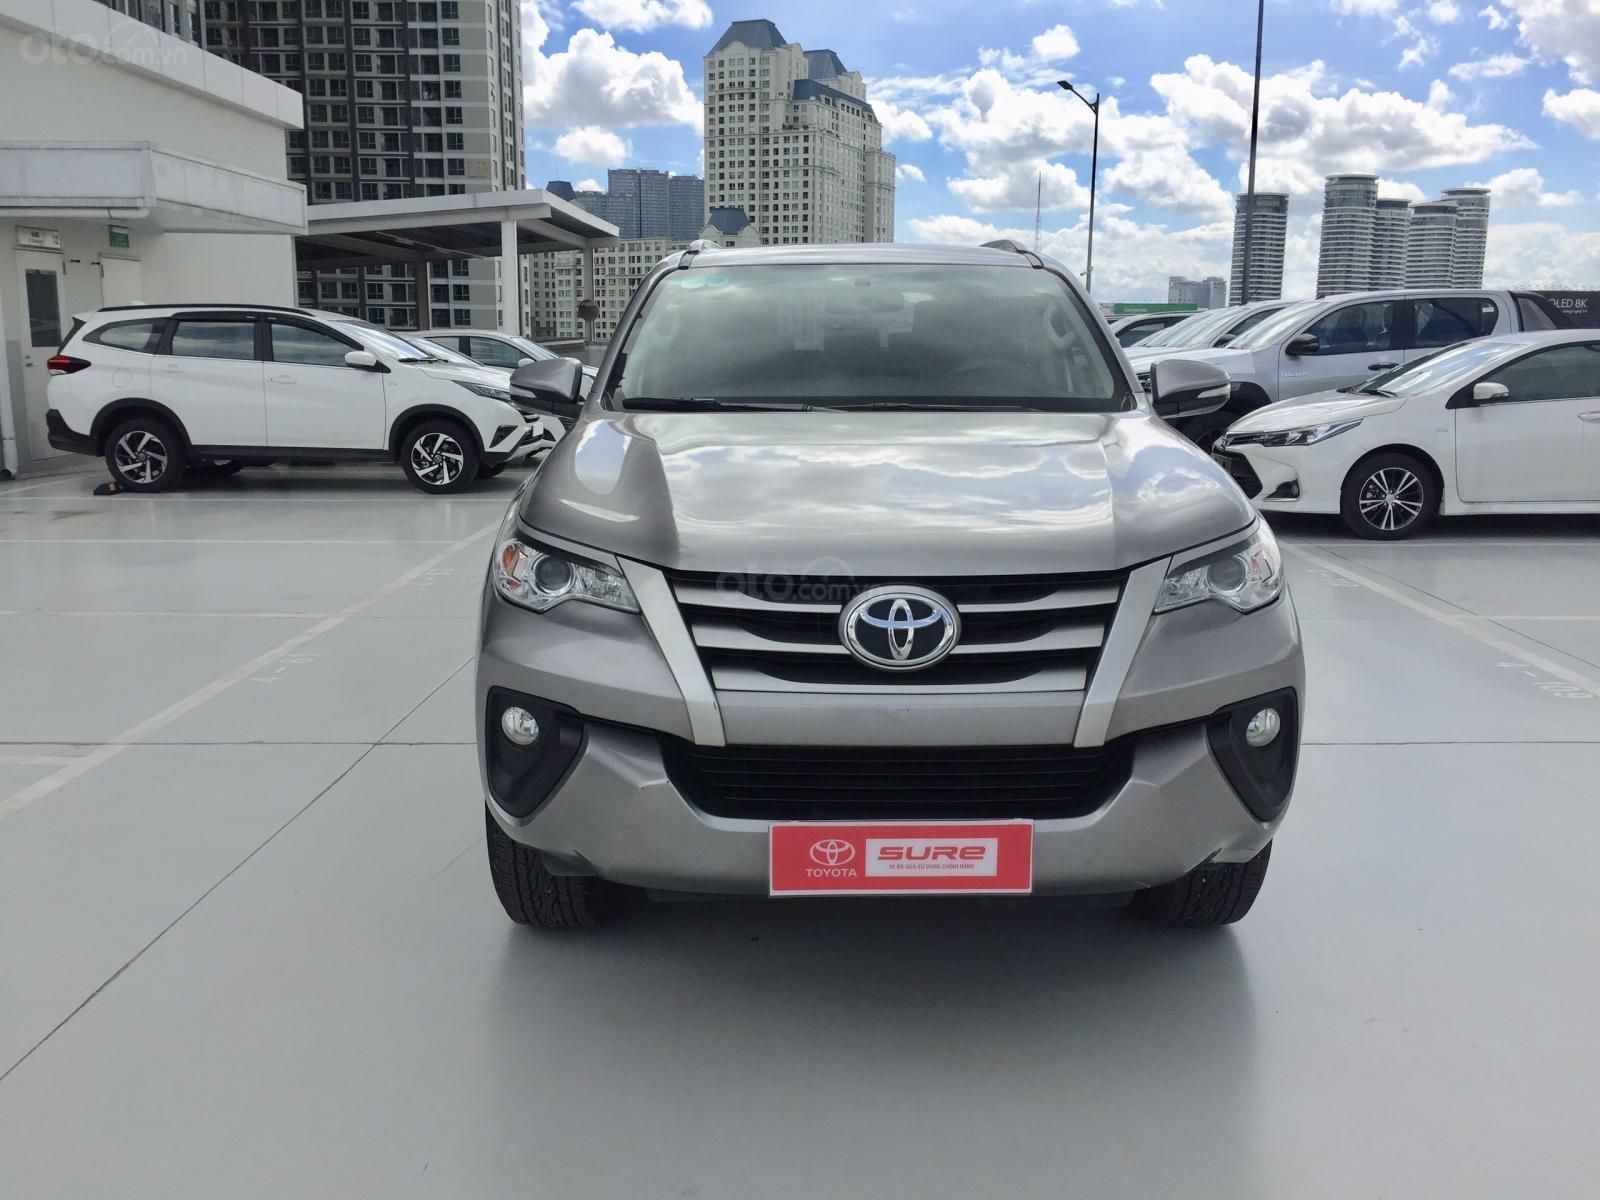 Thanh lý xe Toyota Fortuner 2.4G MT 2017, màu bạc xe đi được 79.000km - Xe chất giá tốt (1)